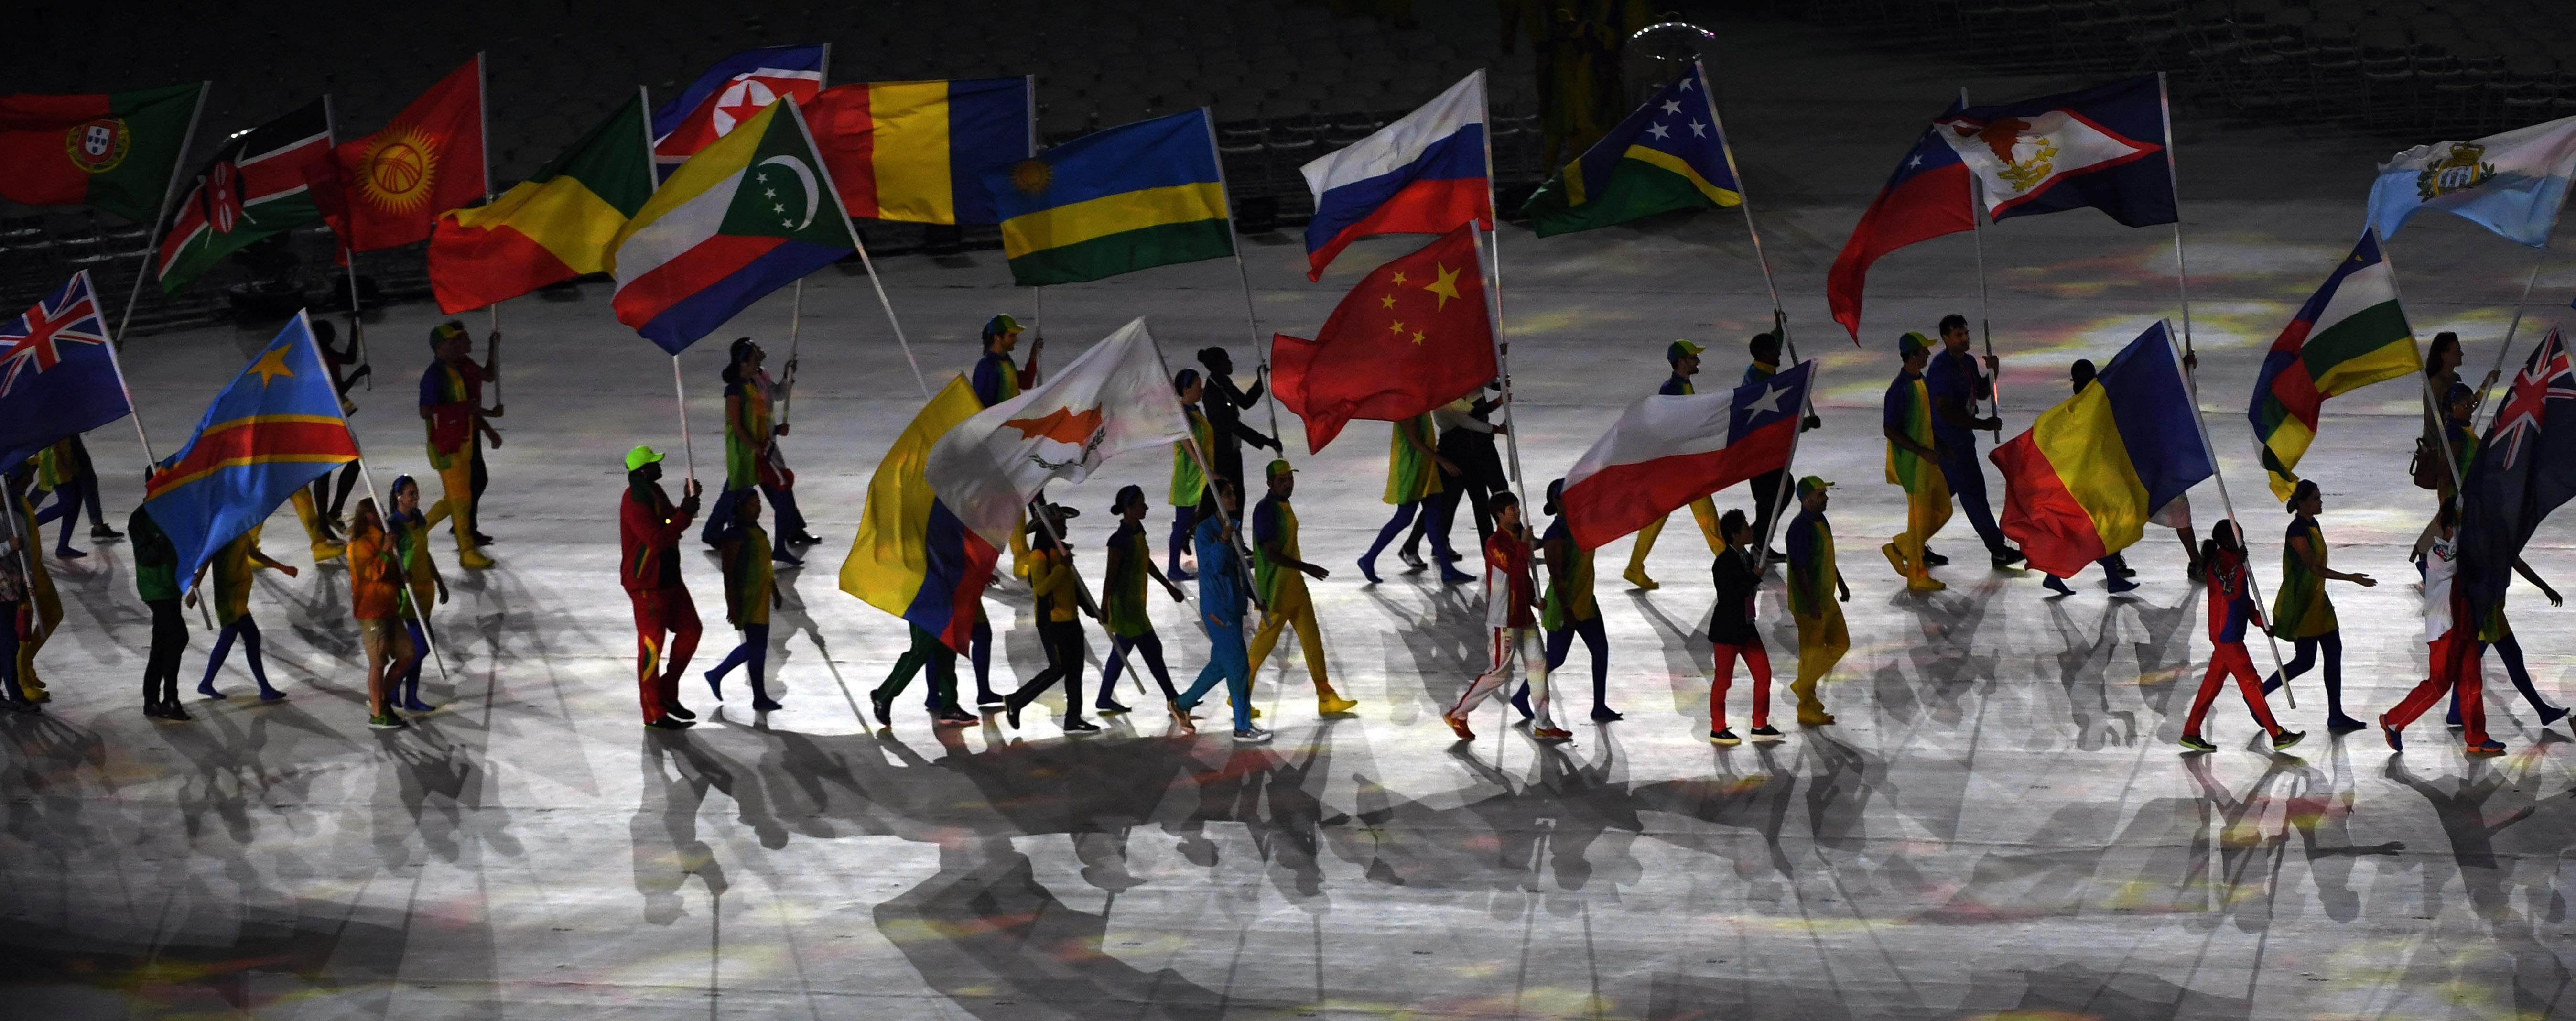 (160821) -- RIO DE JANEIRO, agosto 21, 2016 (Xinhua) -- Abanderados de las delegaciones olímpicas entran al Estadio Maracaná durante la ceremonia de clausura de los Juegos Olímpicos de Río de Janeiro 2016, en el Estadio Maracaná, en Río de Janeiro, Brasil, el 21 de agosto de 2016. (Xinhua/Yan Yan) (rtg) (ce)